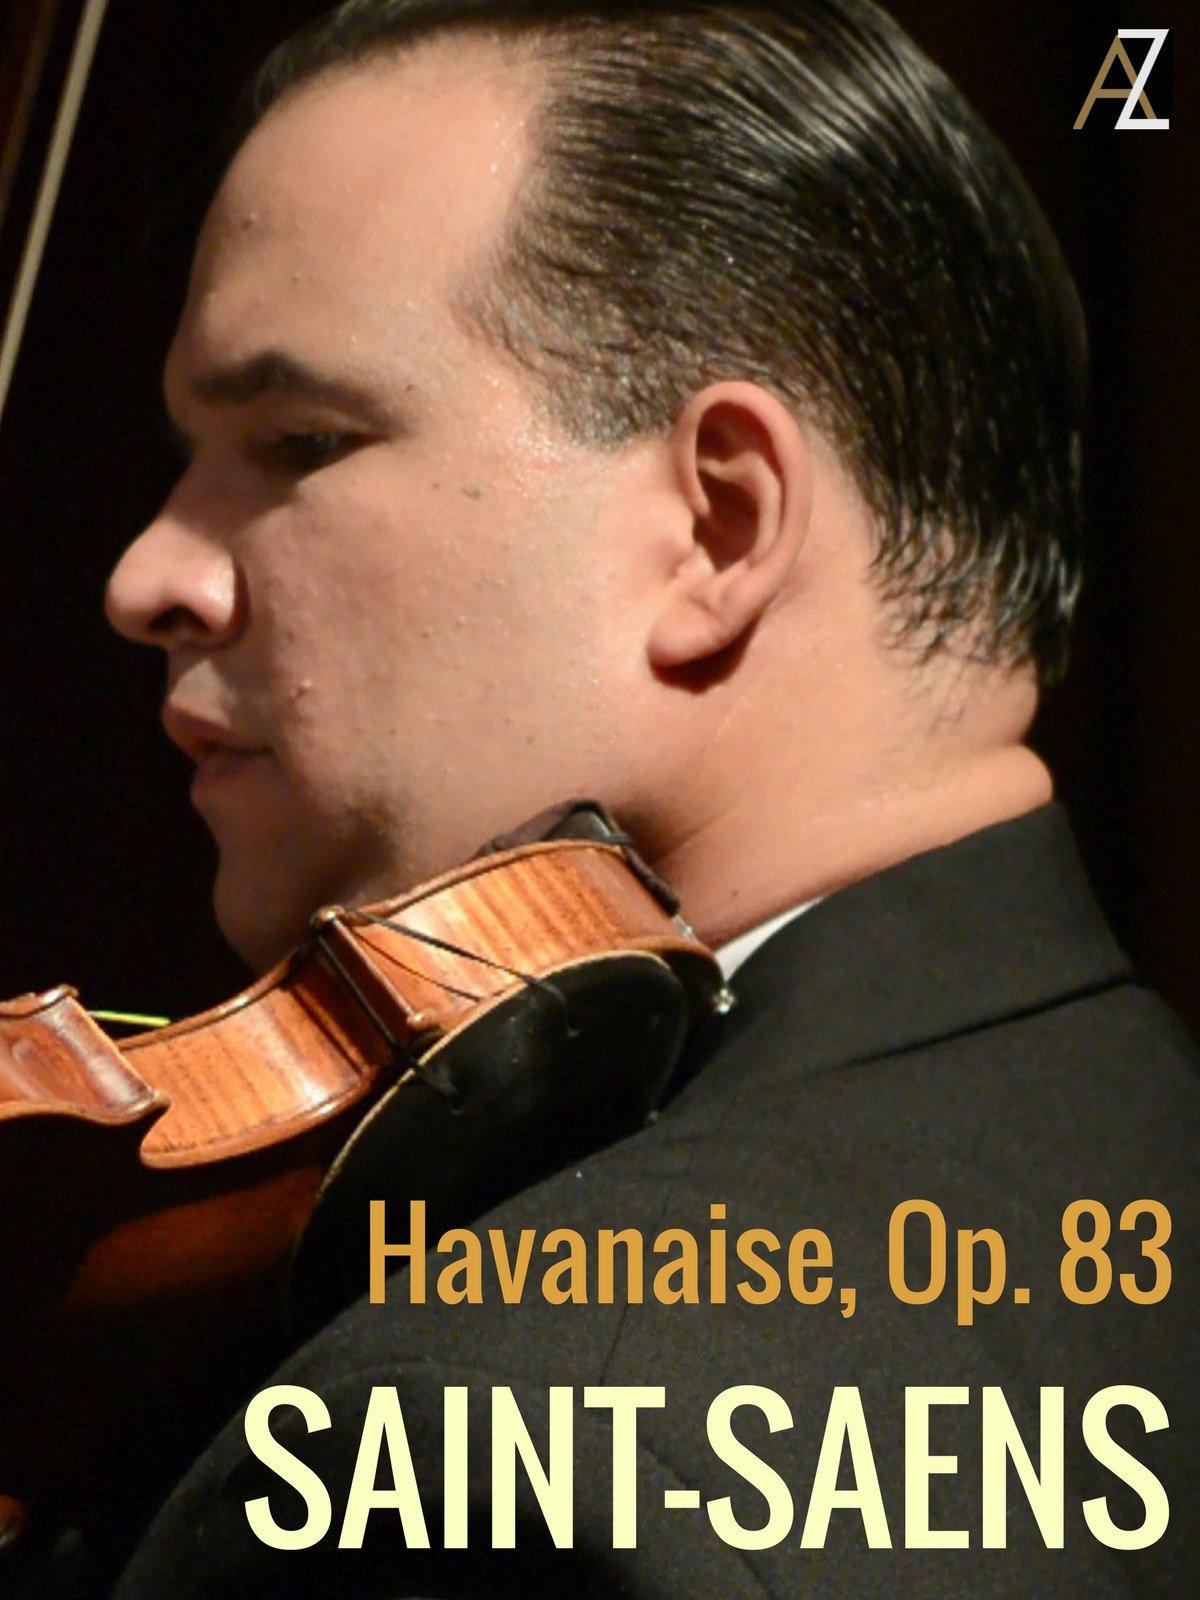 Saint-Saens: Havanaise, Op. 83